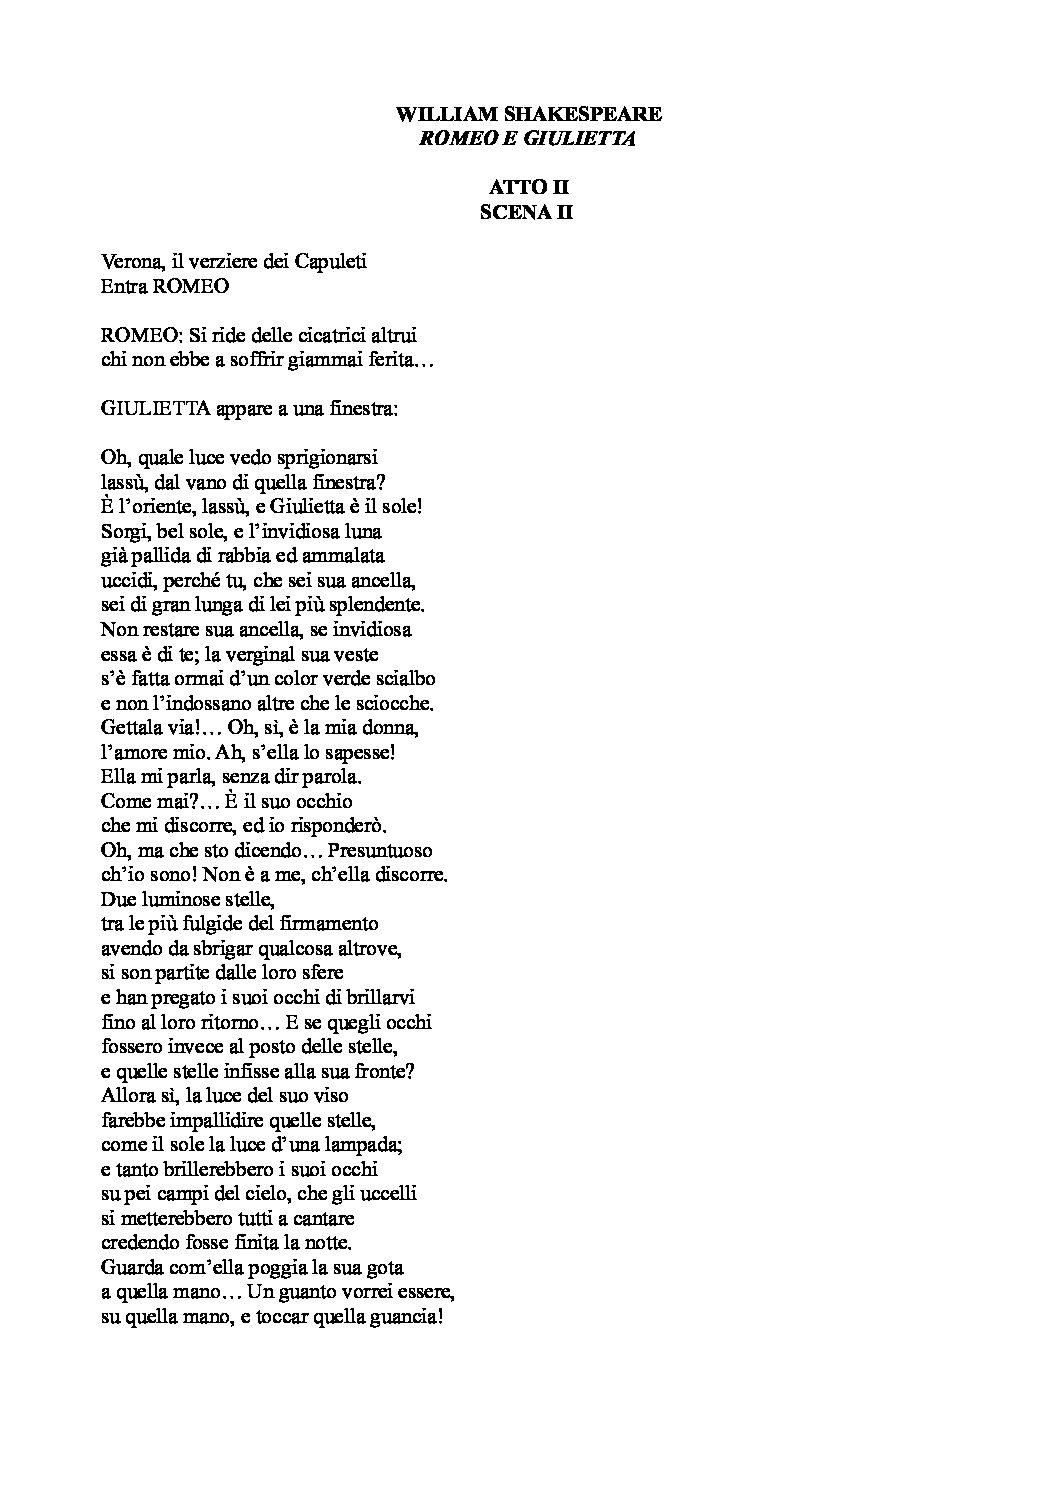 PETRONIO SAT XII UNA SCENA AL MERCATO